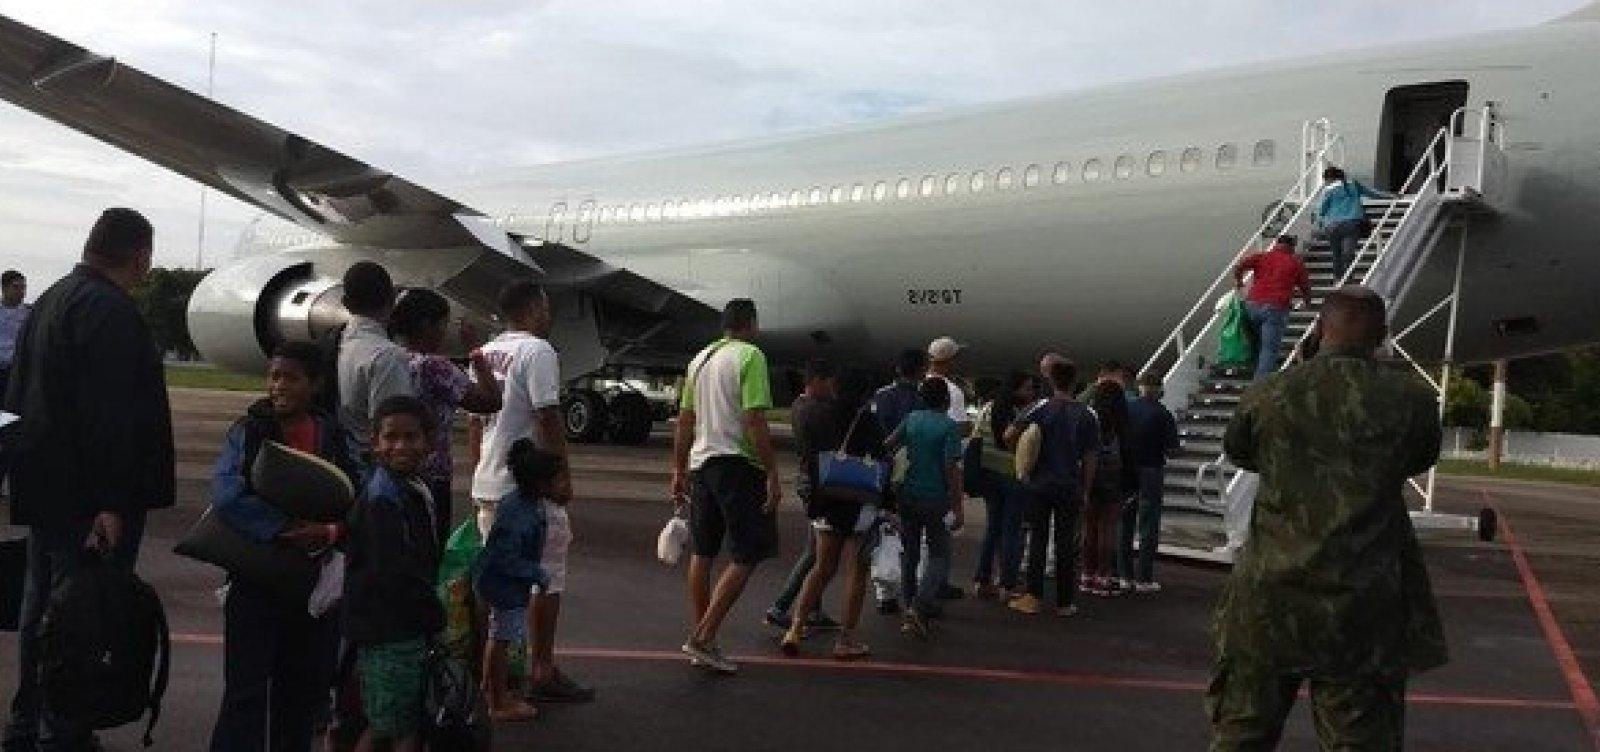 [Voo da FAB leva 230 venezuelanos para Paraná e Rio Grande do Sul]